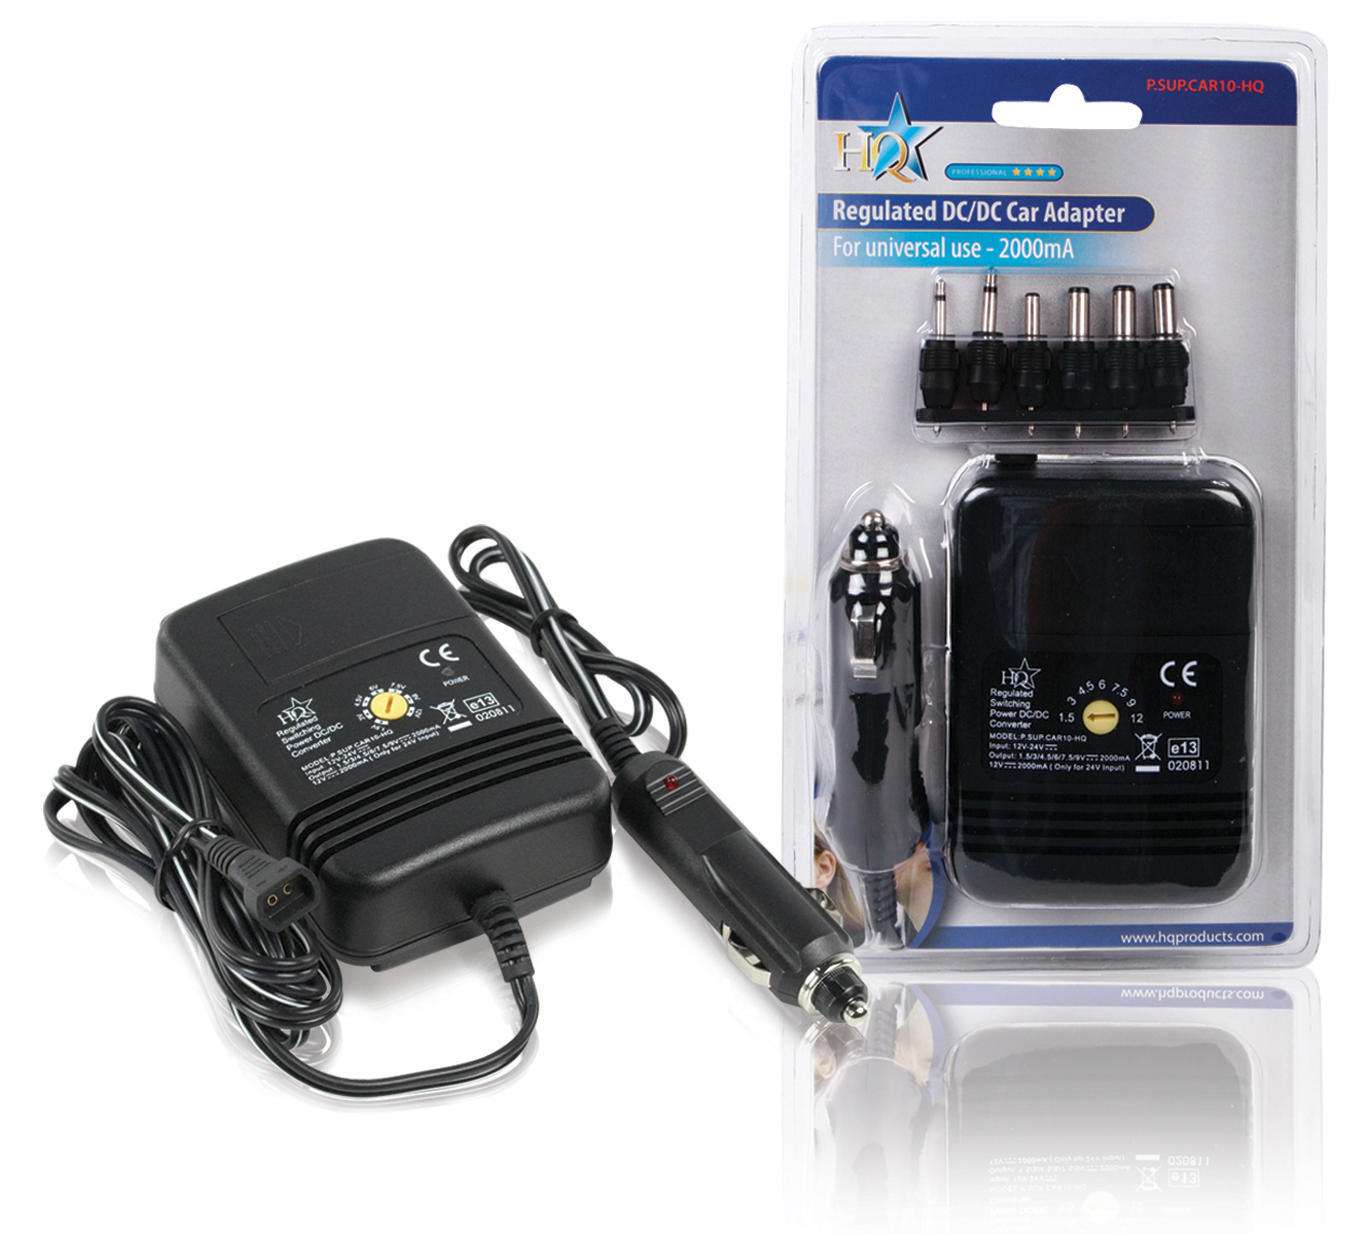 Billede af Universal Dc Power Adapter 1.5 VDC / 3 VDC / 4.5 VDC / 6 VDC / 7.5 VDC / 9 VDC / 12 VDC 2.0 A